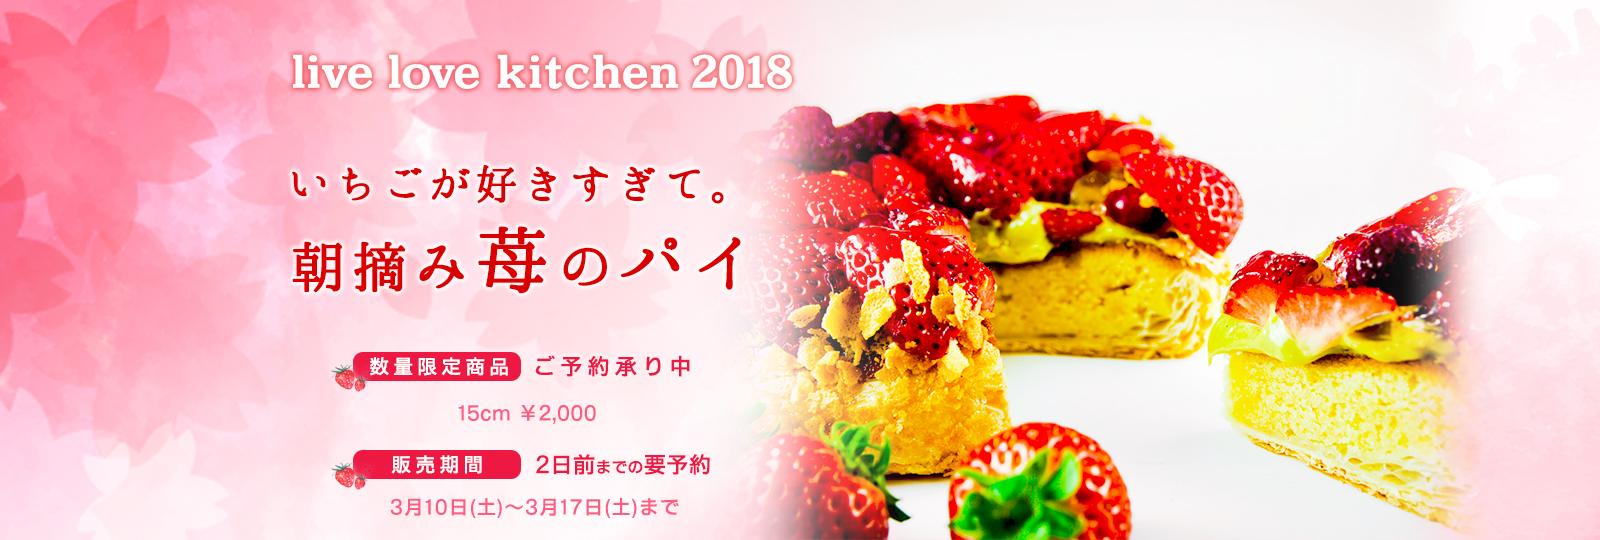 【数量限定】朝摘み苺のパイ 3月10日より販売開始!